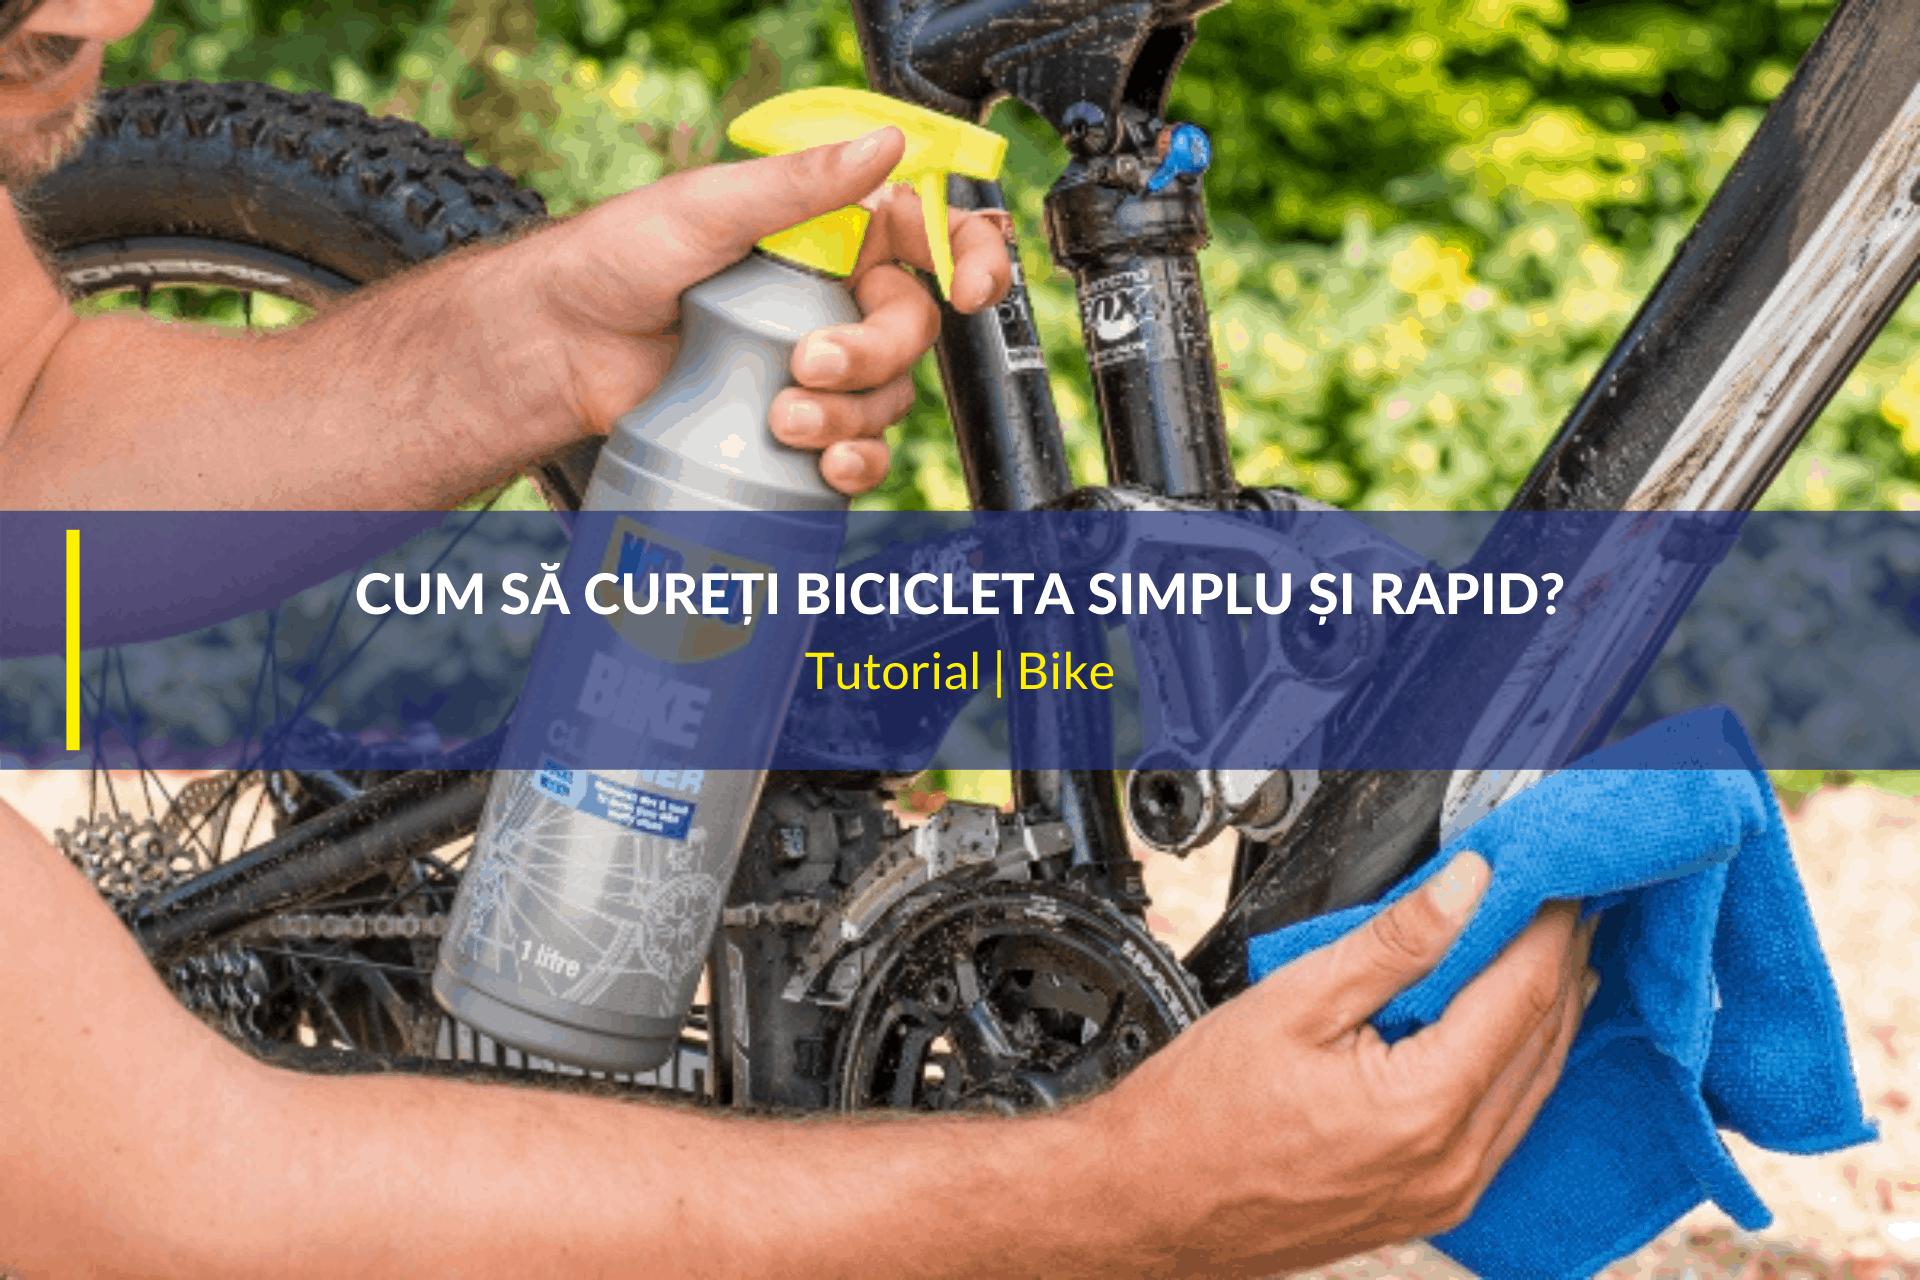 cum să cureți bicicleta